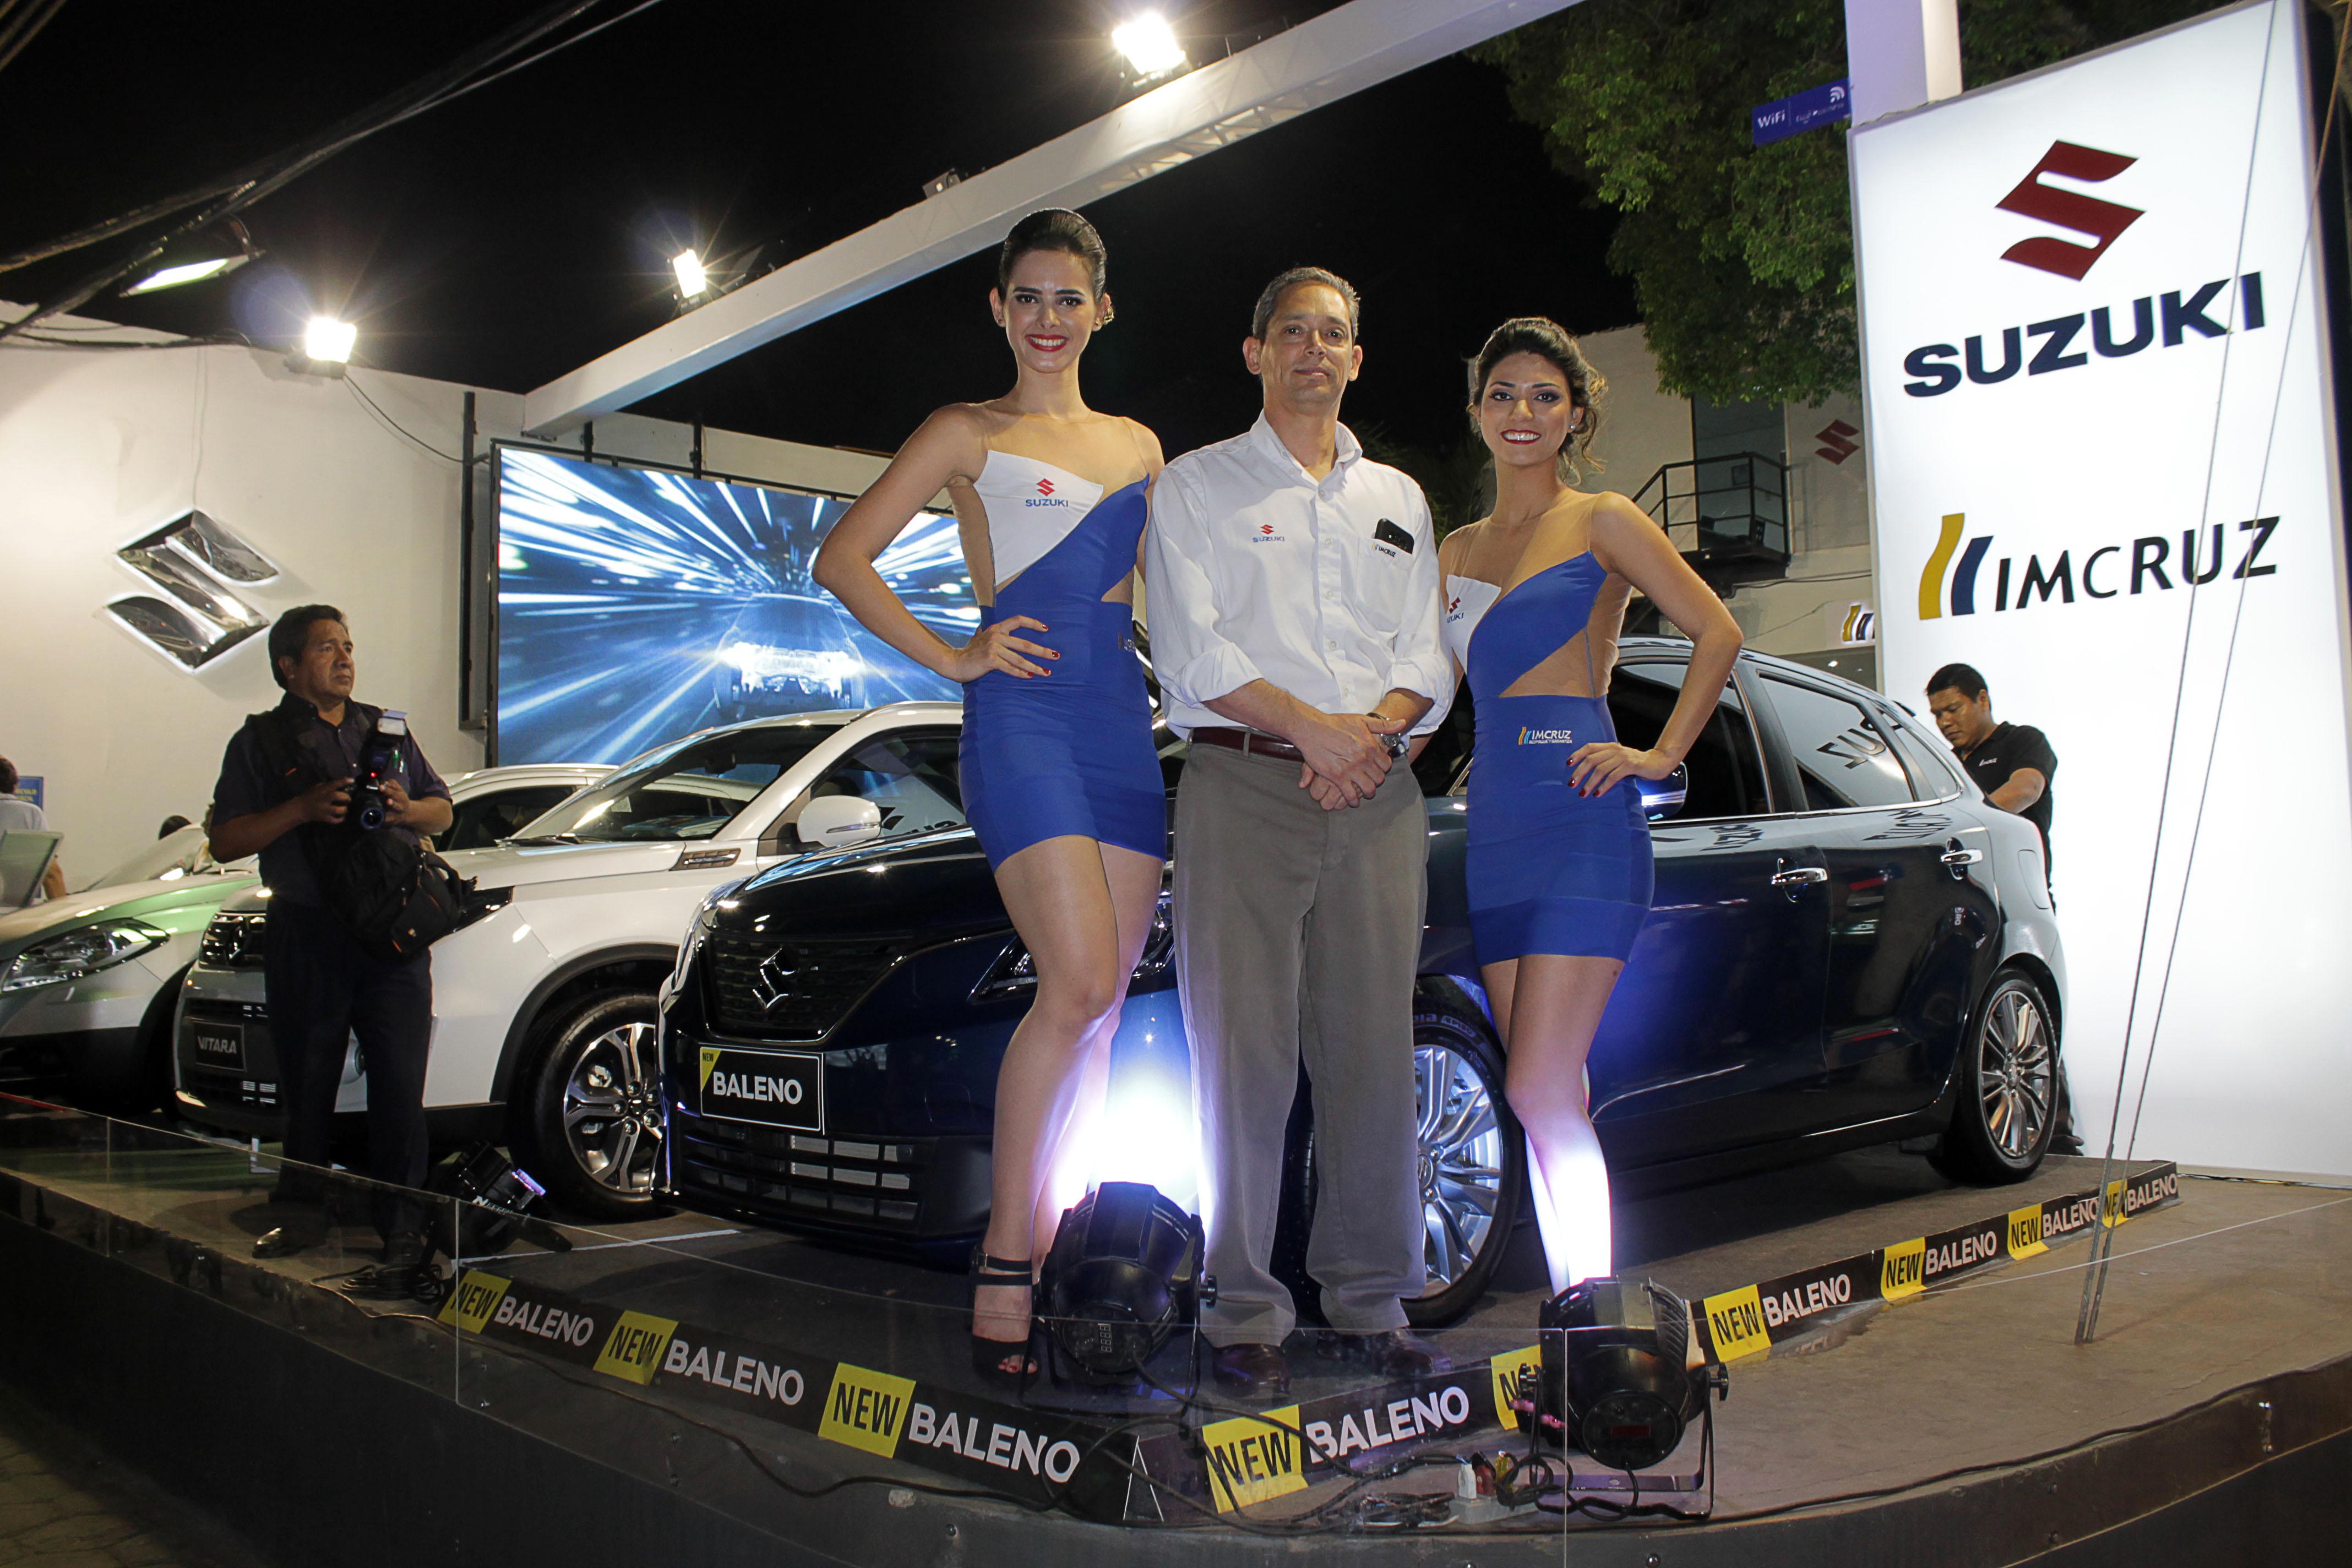 Romy Paz, Javier Arze, gerente de Suzuki y Fernanda Trujillo